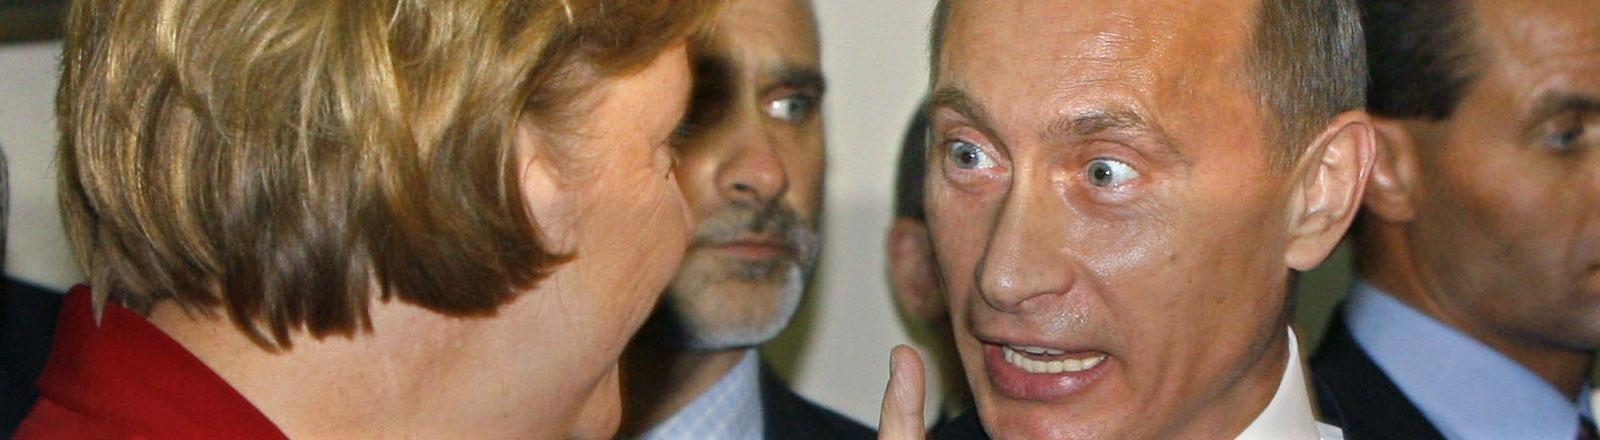 Wladimir Putin guckt Angela Merkel mit wahnsinnigem Blick und erhobenem Zeigefinger an.